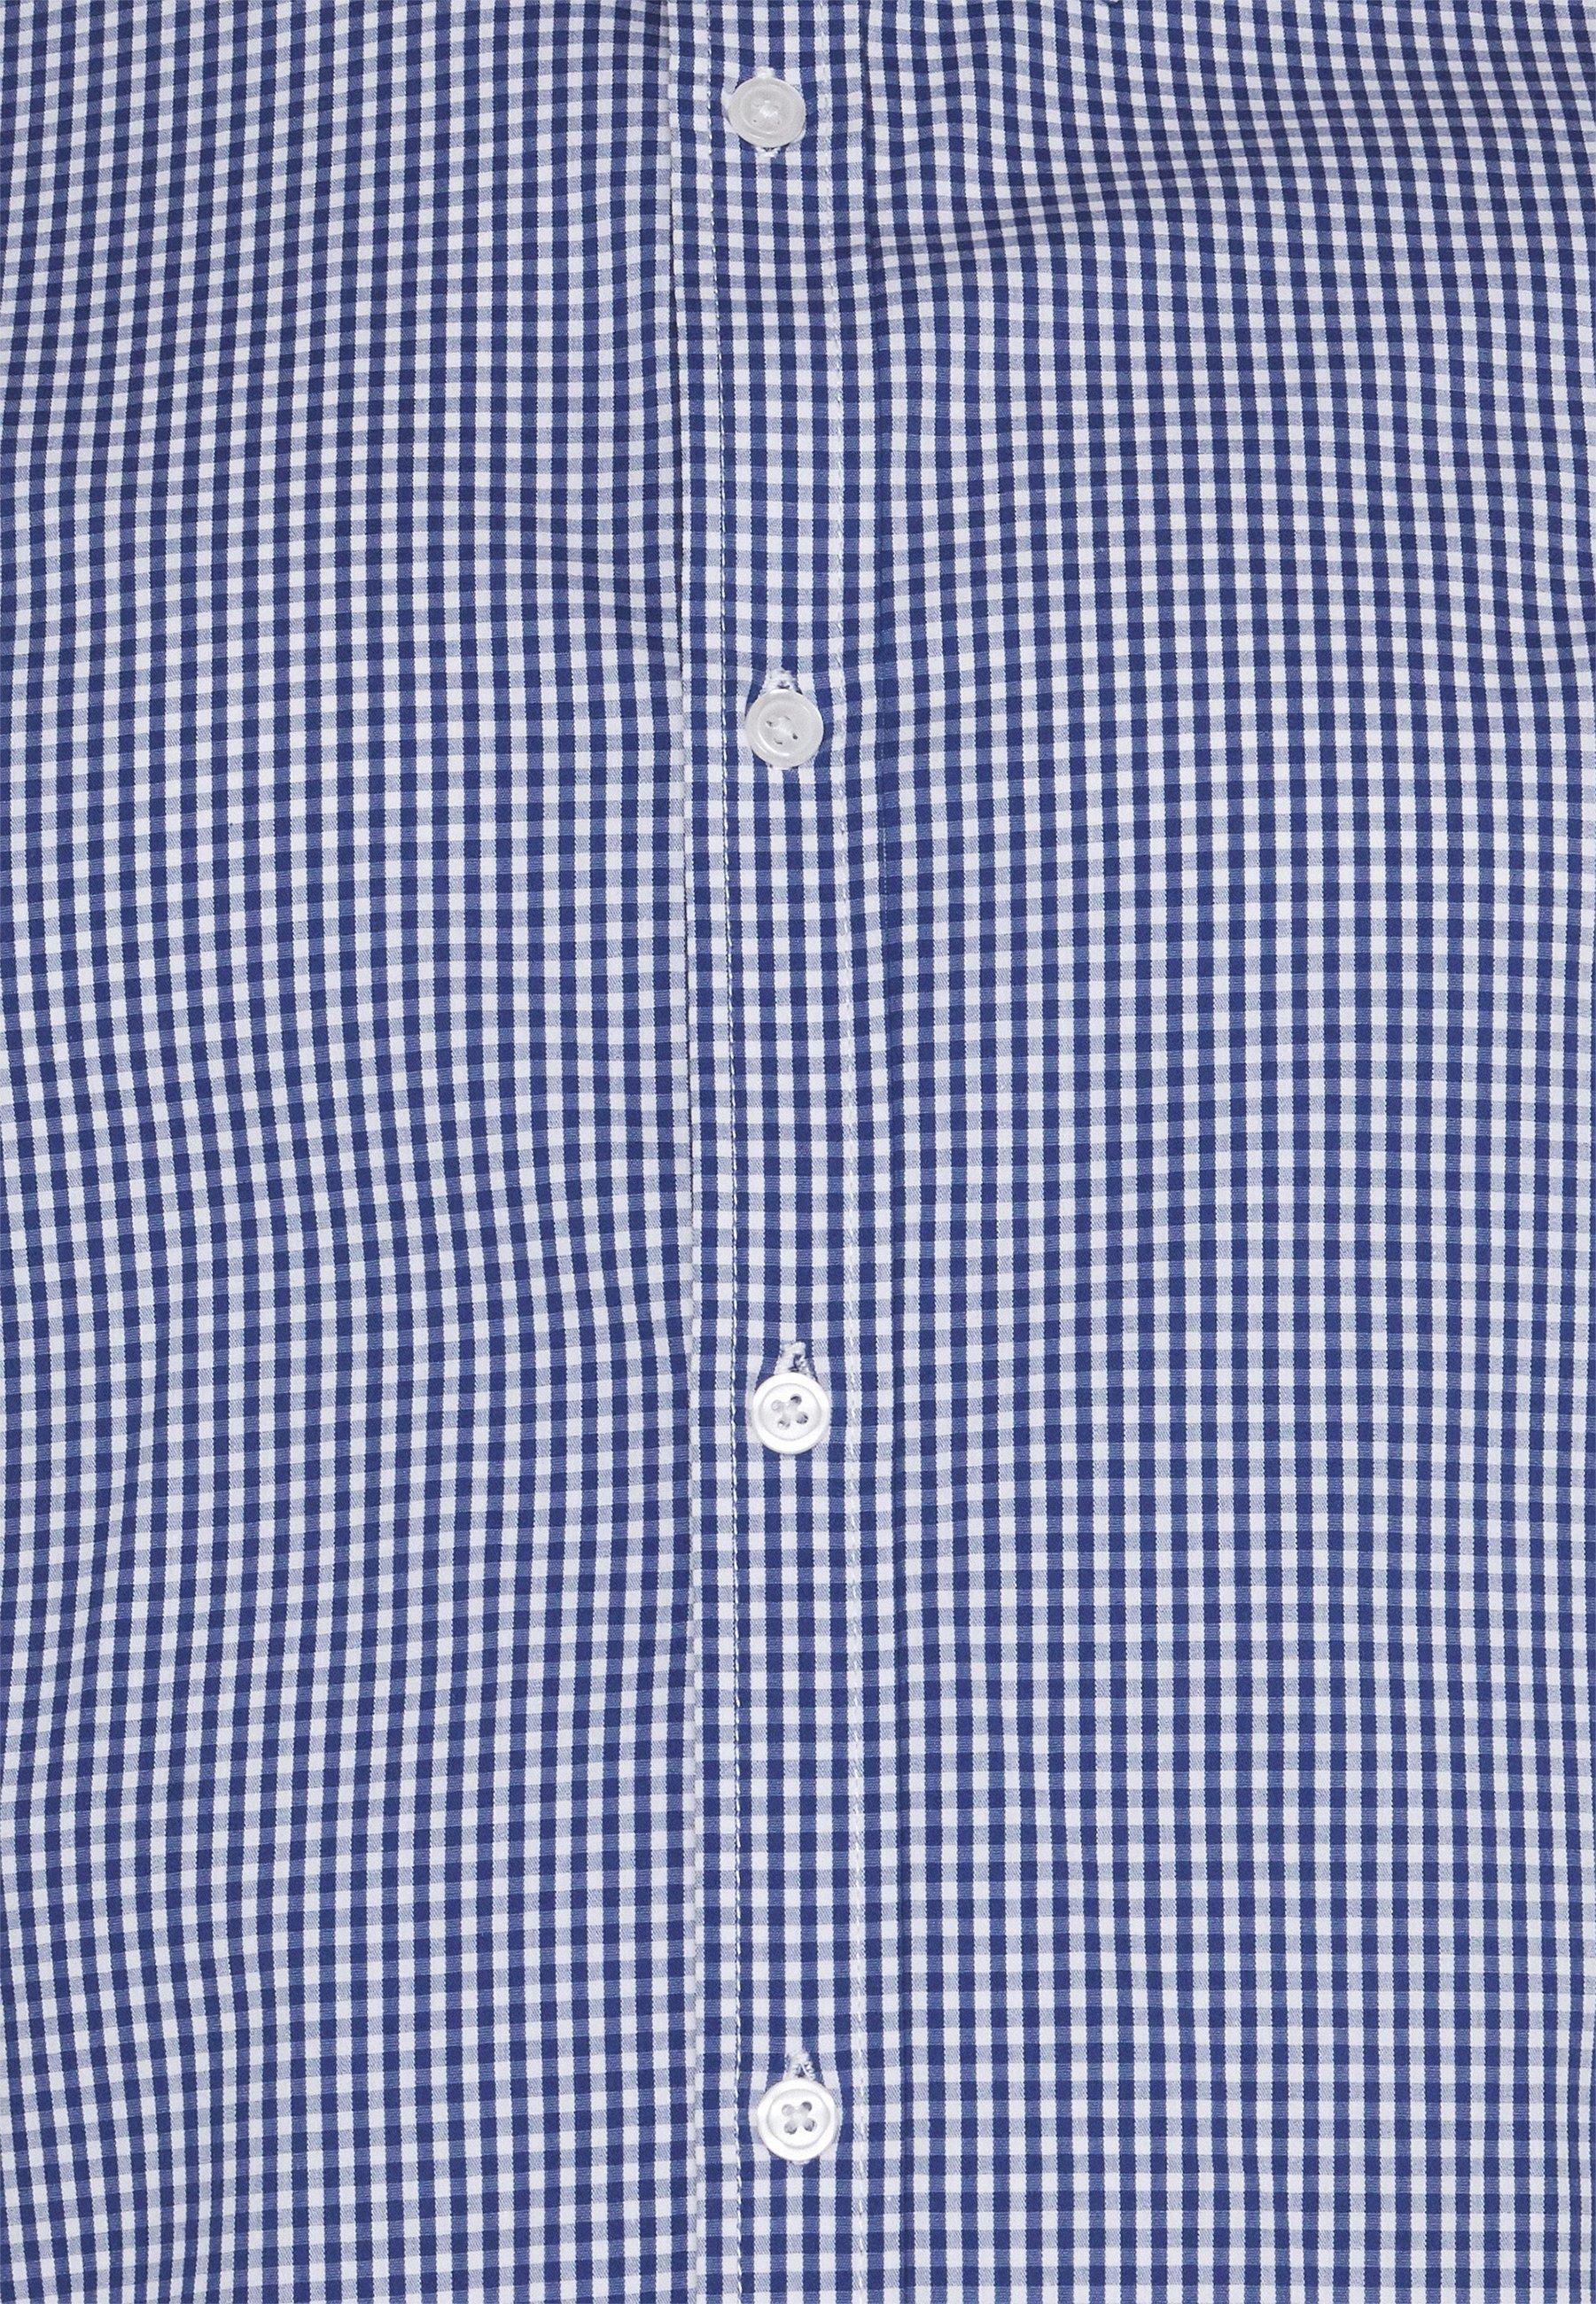 Uomo DUNE CHECK SHIRT - Camicia